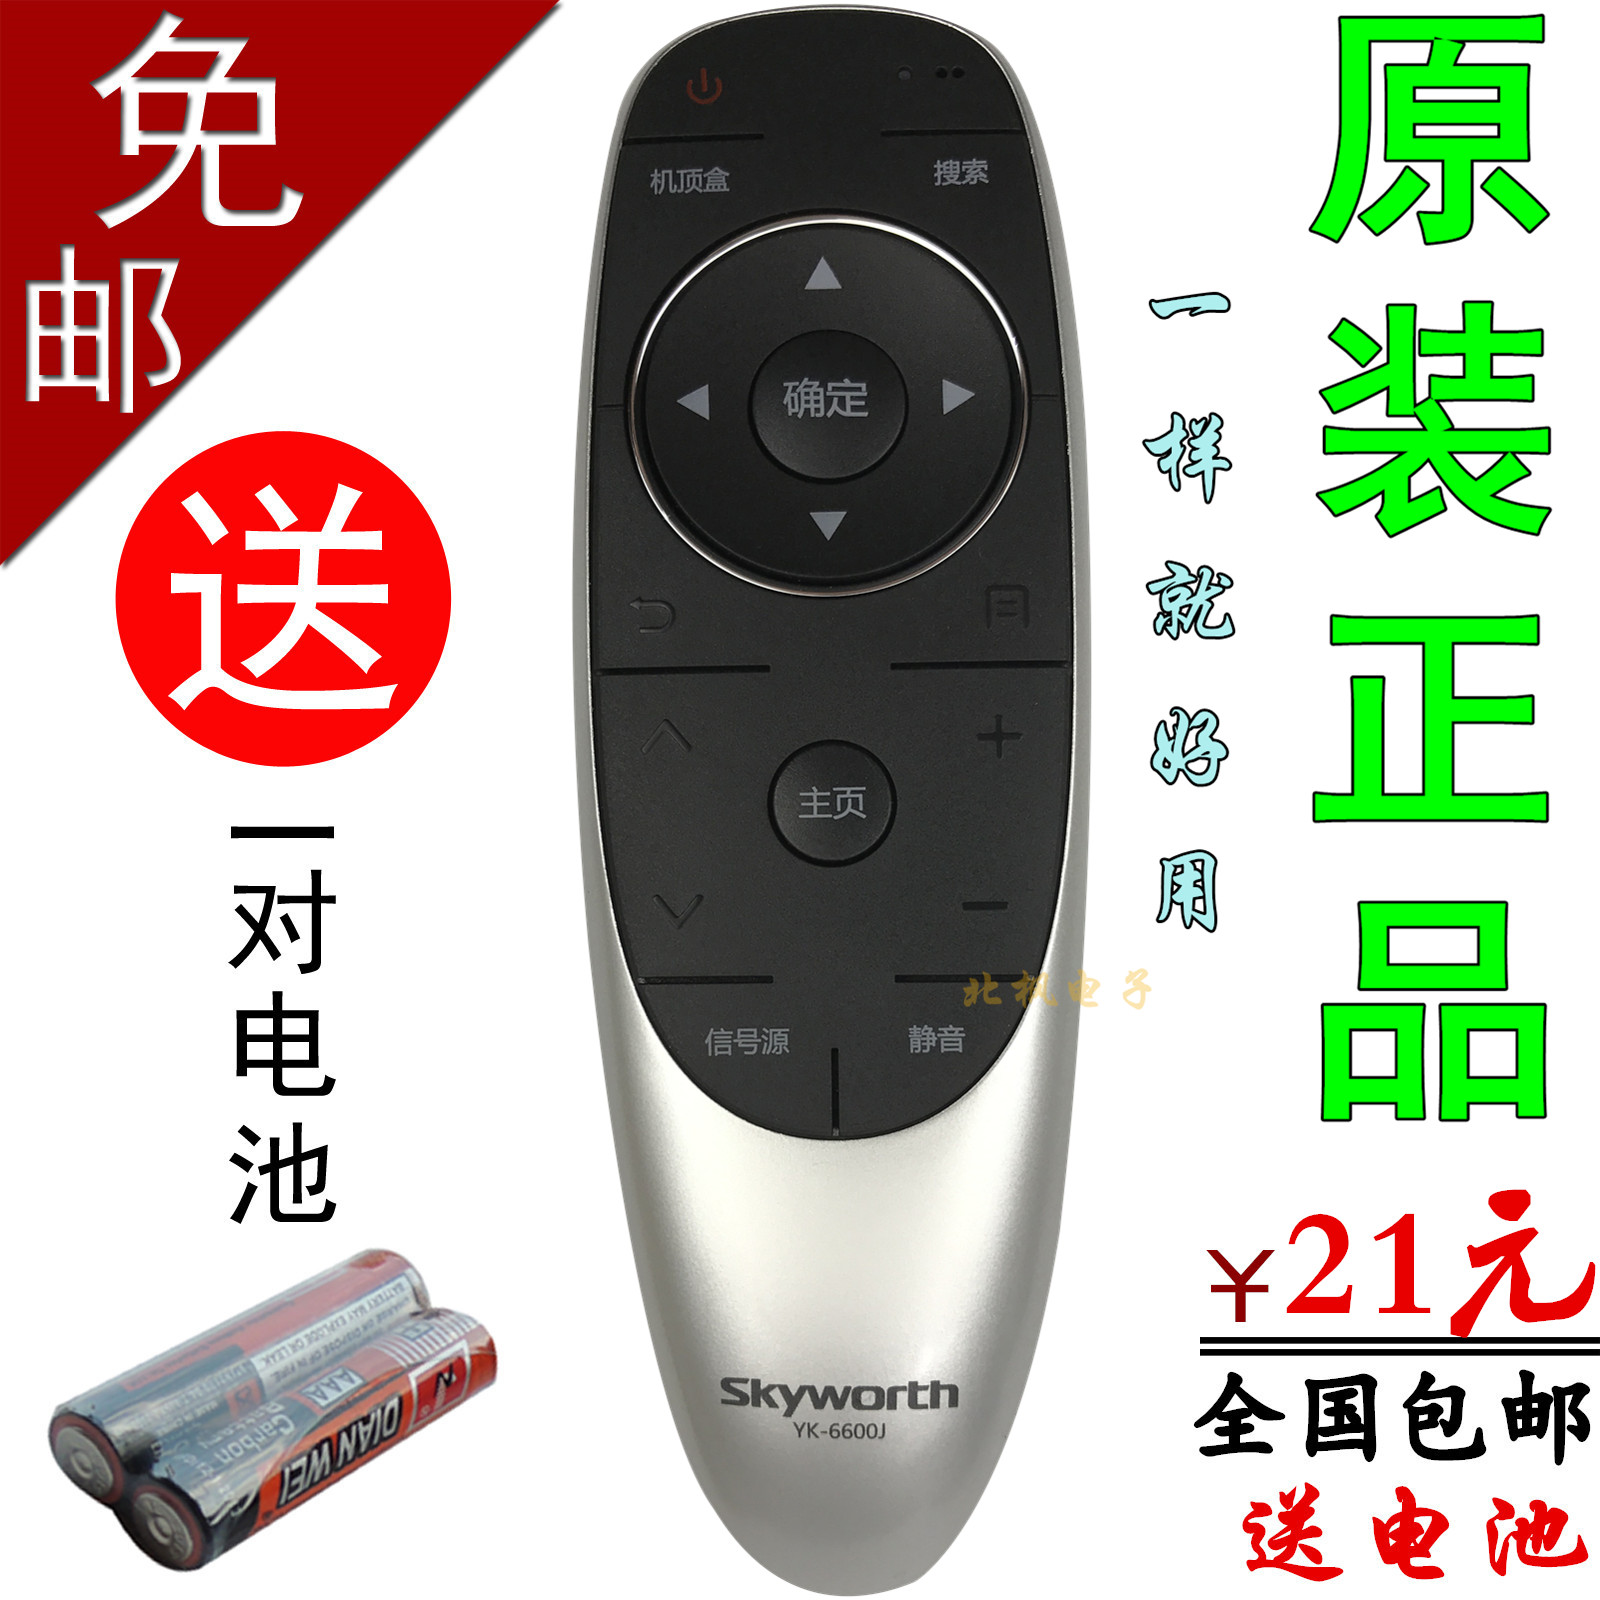 Бесплатная доставка ! оригинал создать размер телевидение пульт YK-6600J через 6600H 40/49/50E6200 55M5